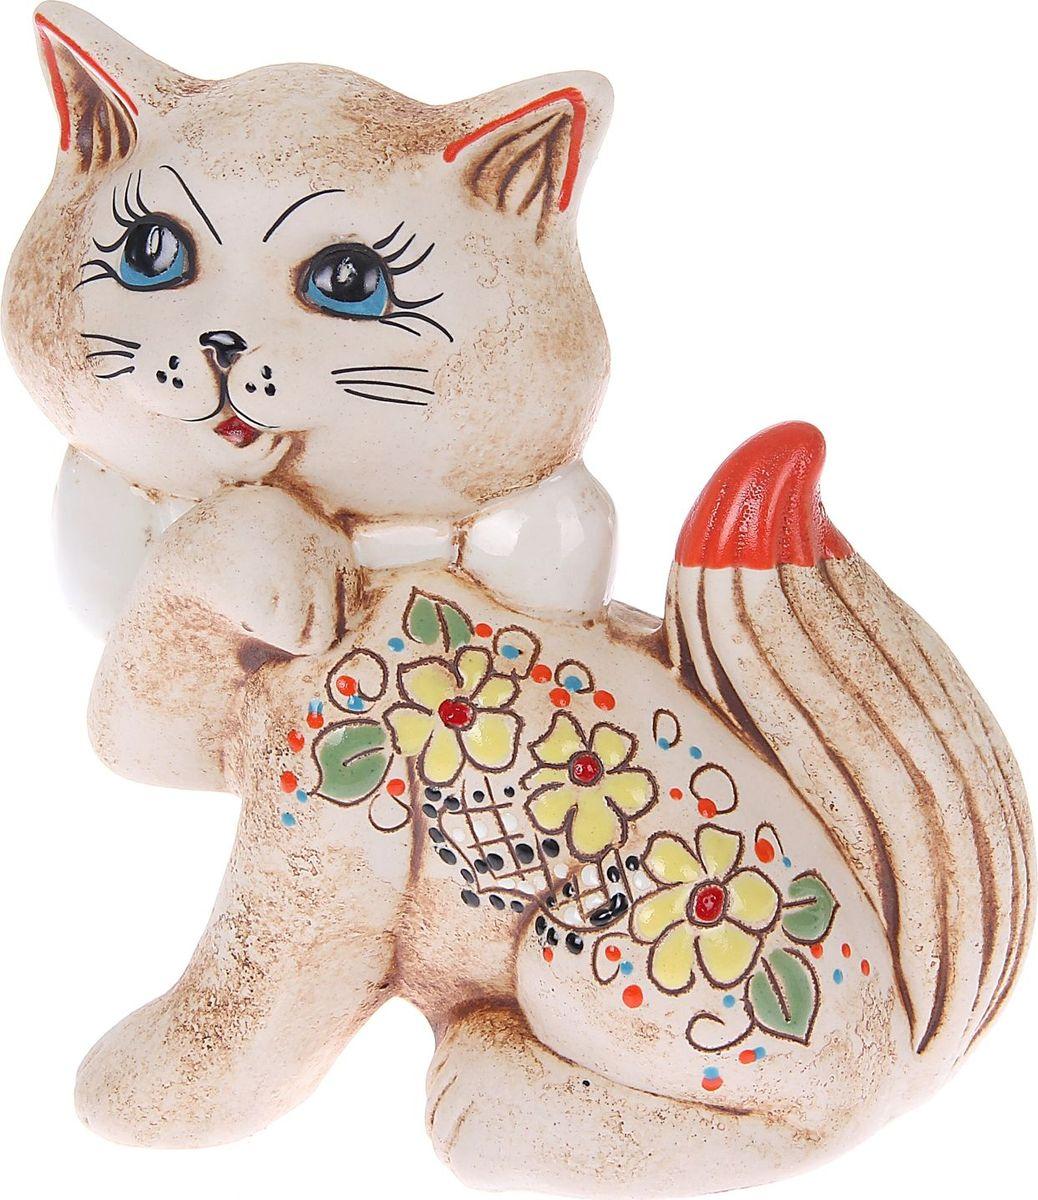 Копилка Керамика ручной работы Кошка Милка, 16 х 10 х 20 см165905Женщины любят баловать себя покупками для красоты и здоровья. С помощью такой копилки можно незаметно приблизиться к приобретению желаемого. Образ кошки всегда олицетворял привлекательность и символизировал домашнее спокойствие. Поставьте изделие возле предметов роскоши, и оно будет способствовать их преумножению.Обращаем ваше внимание, что копилка является одноразовой.